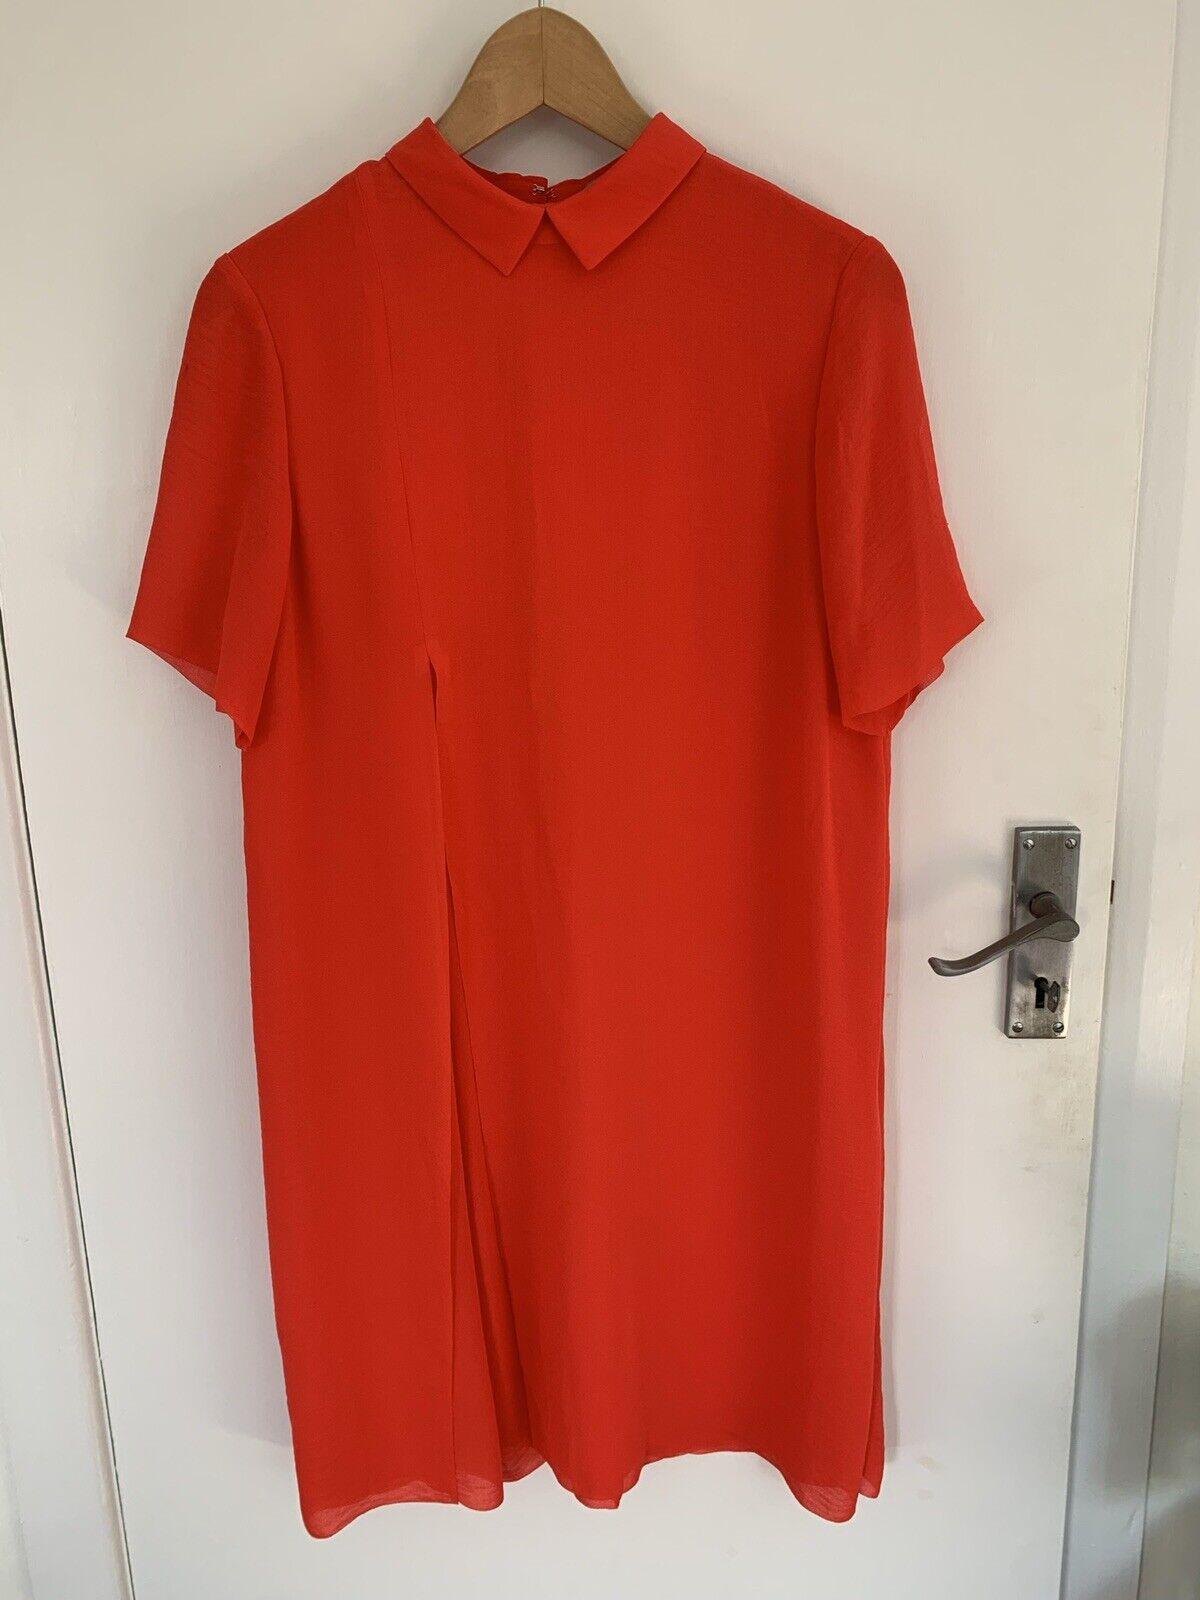 Cos hasta la rodilla vestido tamaño impresionante naranja una vez usado 36 S 10